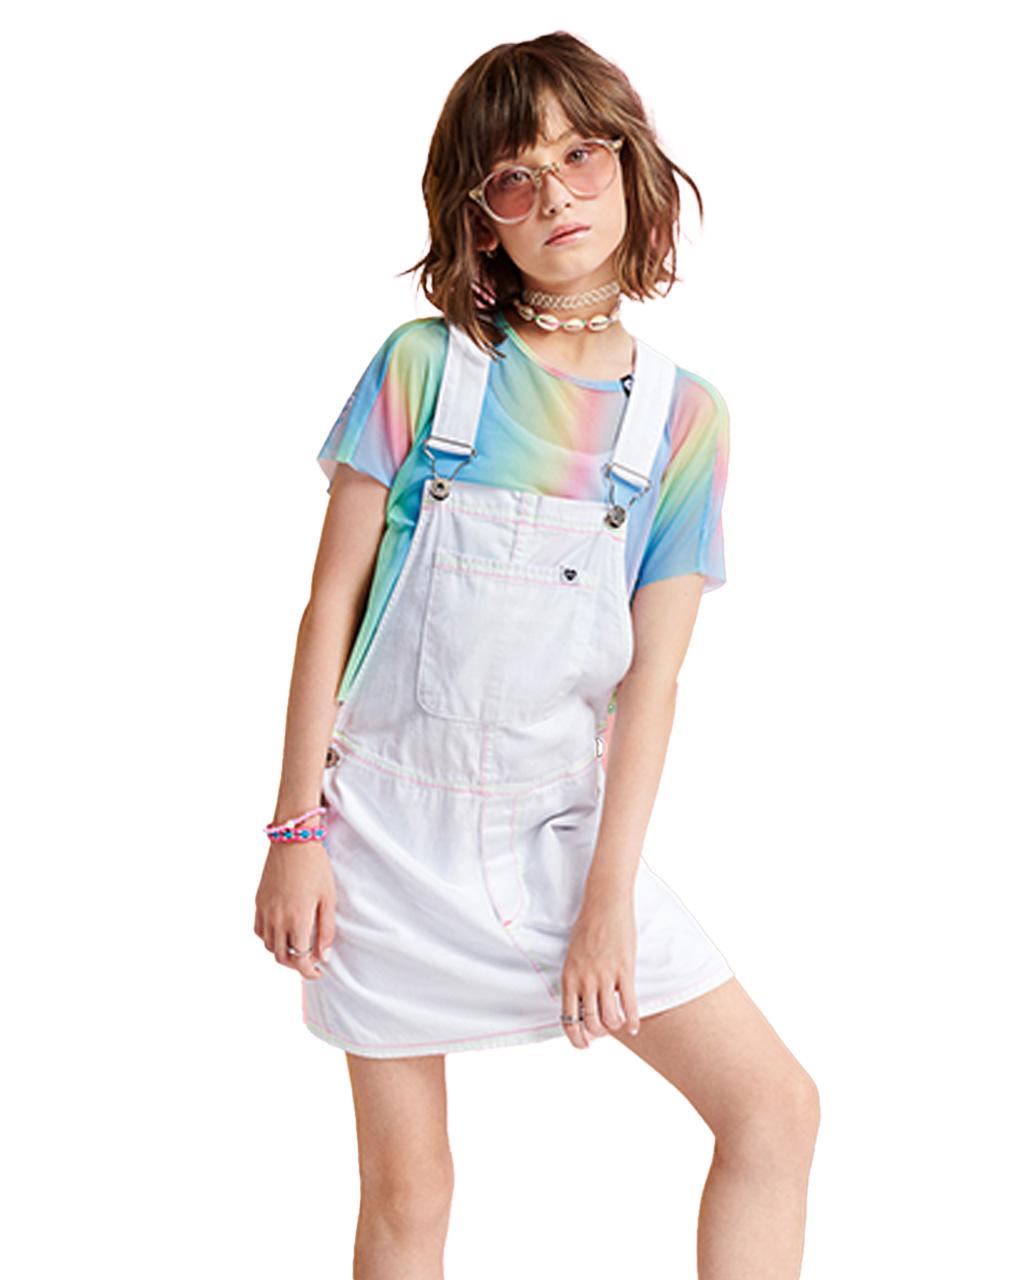 Jardineira Teen Off White Costura Neons I Am